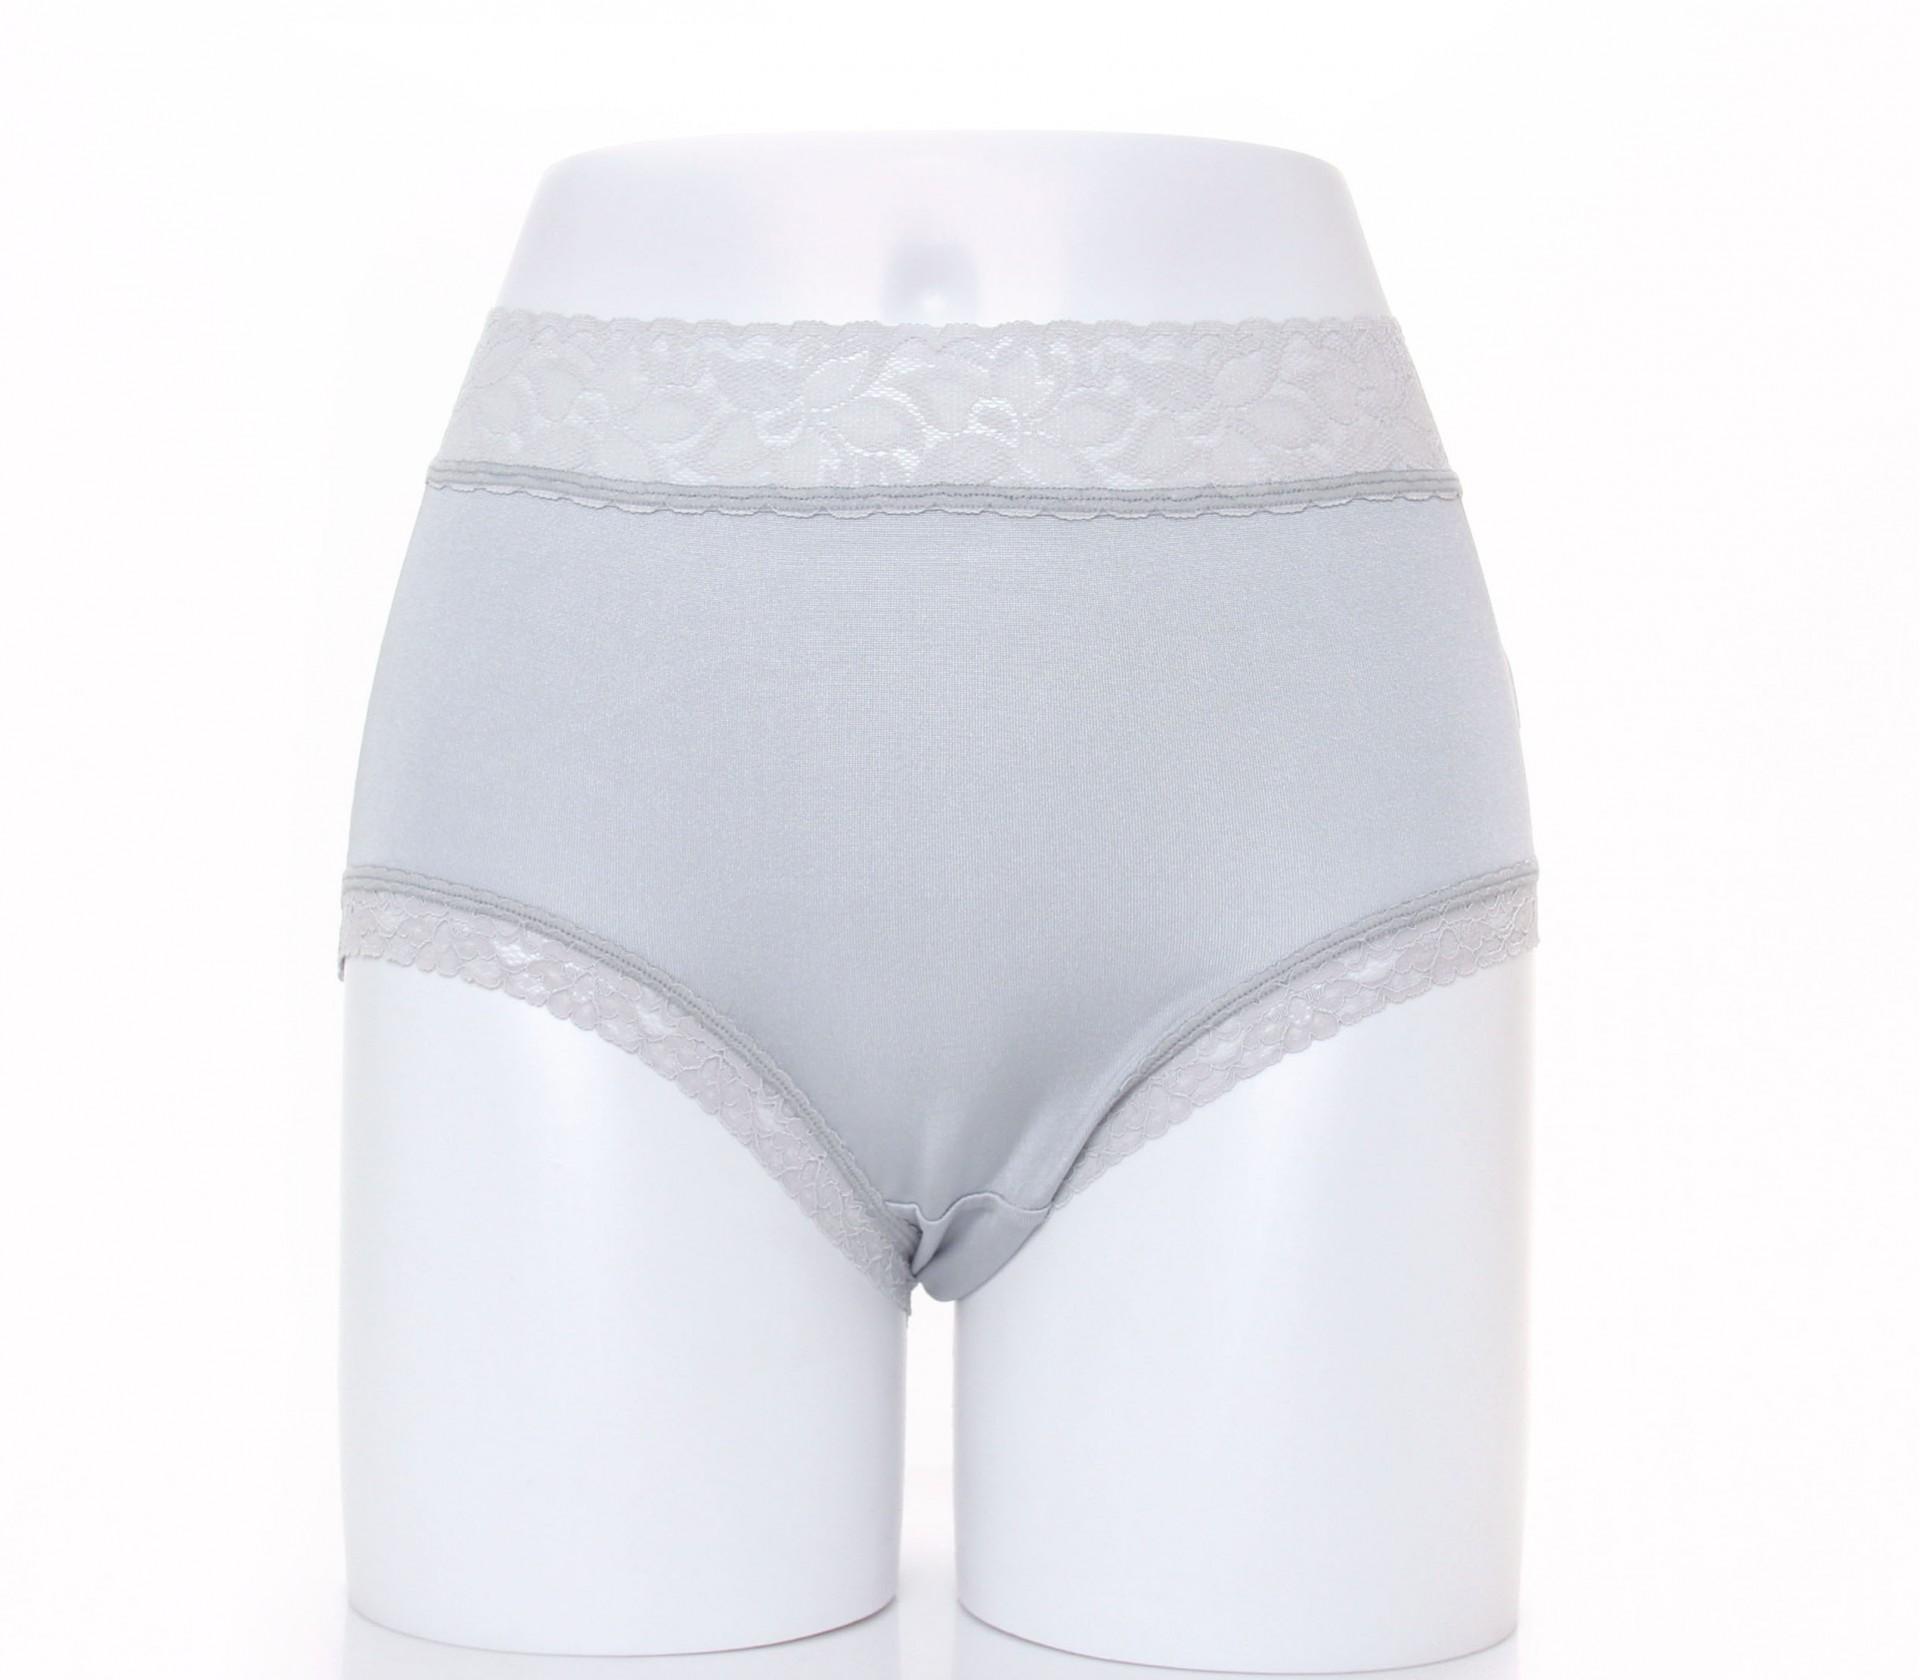 闕蘭絹優雅氣質100%蠶絲內褲-3310(灰)